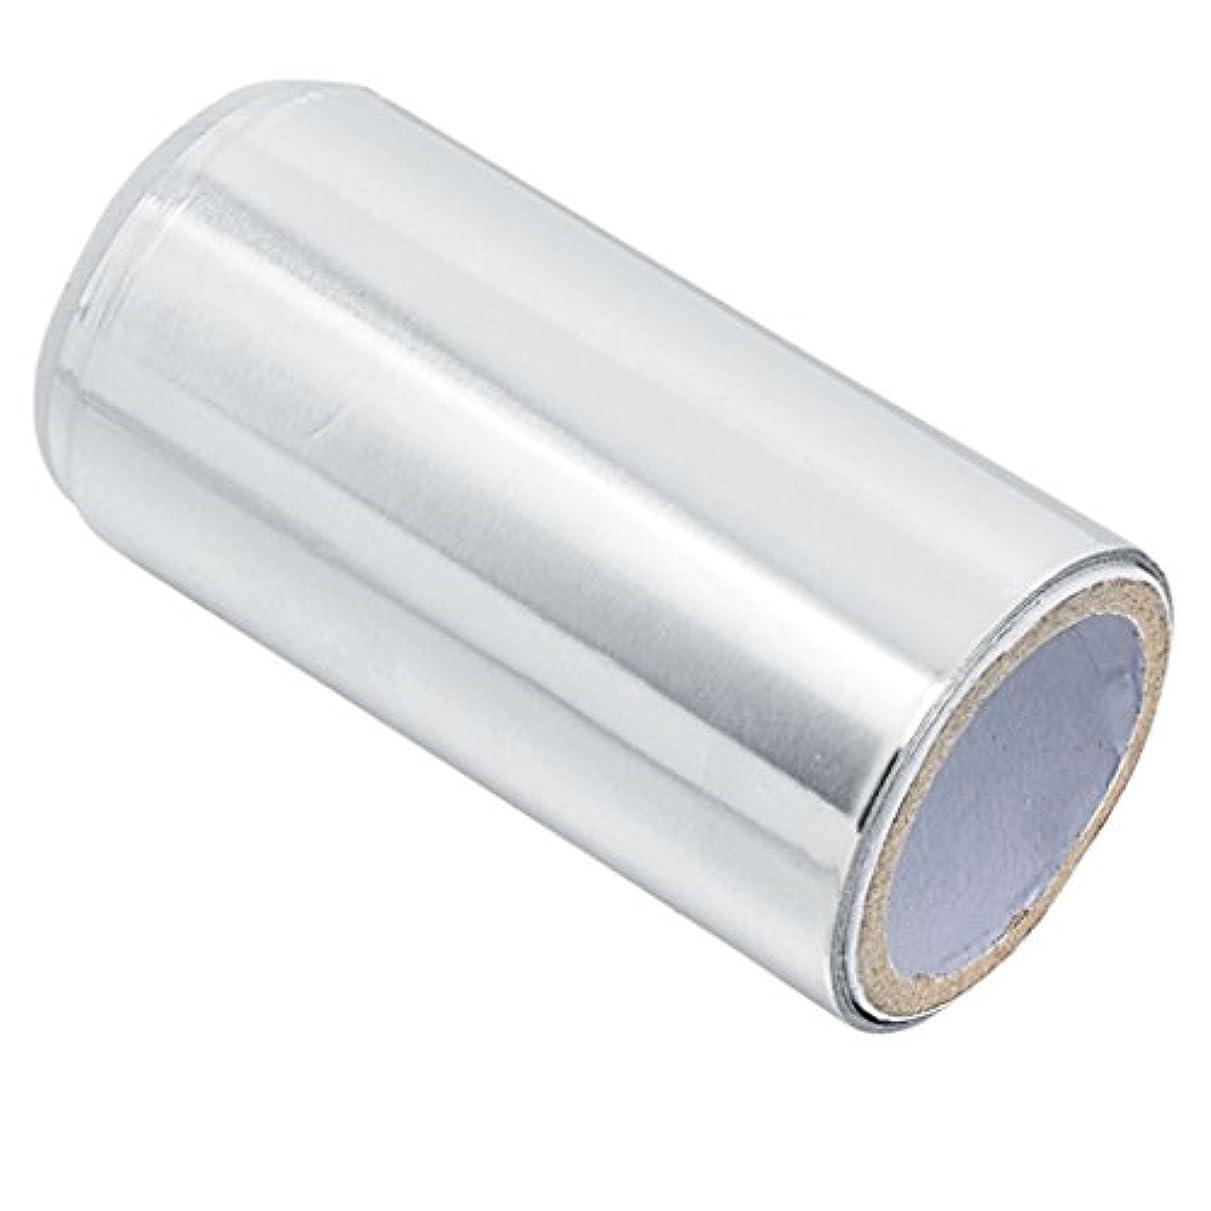 リマフリッパー侵入アルミニウム ヘア/ネイル用 錫箔紙 ネイルアート 爪化粧用具 クリーナーツール ジェル除却 5m